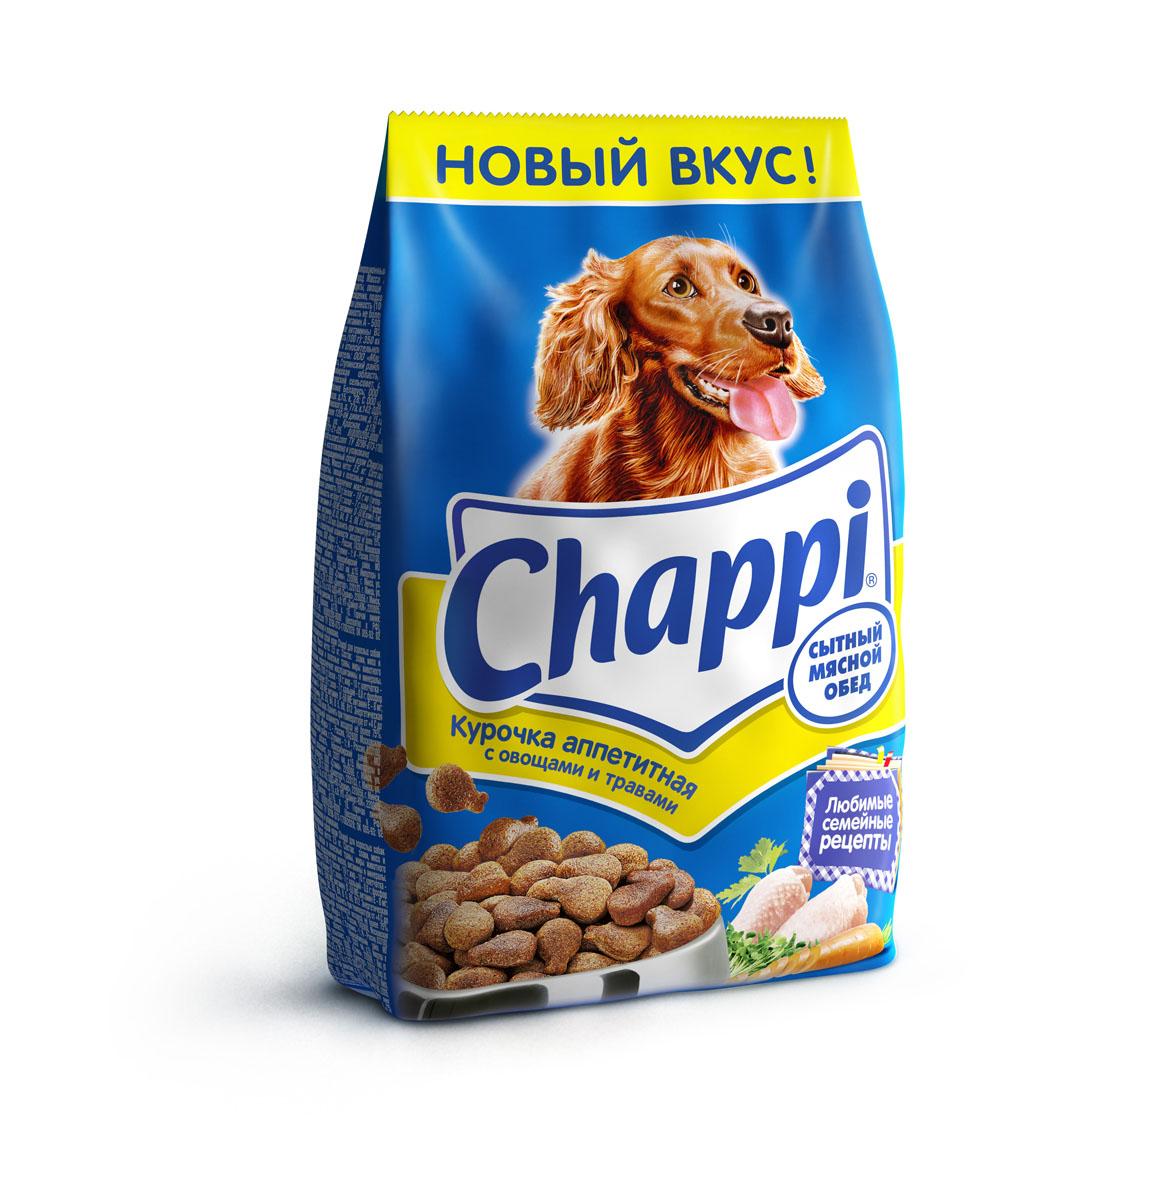 Корм сухой для собак Chappi Сытный мясной обед, курочка аппетитная, 600 г25357Сухой корм Chappi Сытный мясной обед - это специально разработанная еда для собак с оптимально сбалансированным содержанием белков, витаминов и микроэлементов. Уникальная формула Chappi включает в себя все необходимые для здоровья компоненты: - мясо - для силы и энергии в течение дня; - овощи, травы и злаки - для отличного пищеварения; - масла и жиры - для блестящей шерсти и здоровой кожи; - кальций - для крепких зубов и костей; - витамины - для защиты здоровья; - минералы - для подержания собаки в оптимальной форме. Корм Chappi идеально подходит для вашего любимца как надежный источник жизненных сил. Состав: злаки, мясо и субпродукты, жиры животного происхождения, морковь, люцерна, растительные масла, минеральные вещества, витамины. Пищевая ценность в 100 г: белок - 18 г, жиры - 10 г, клетчатка - 7 г, влажность - не более 10 г, зола - 7 г, кальций - 0,8 г, фосфор - 0,6 г, витамин А - 500...